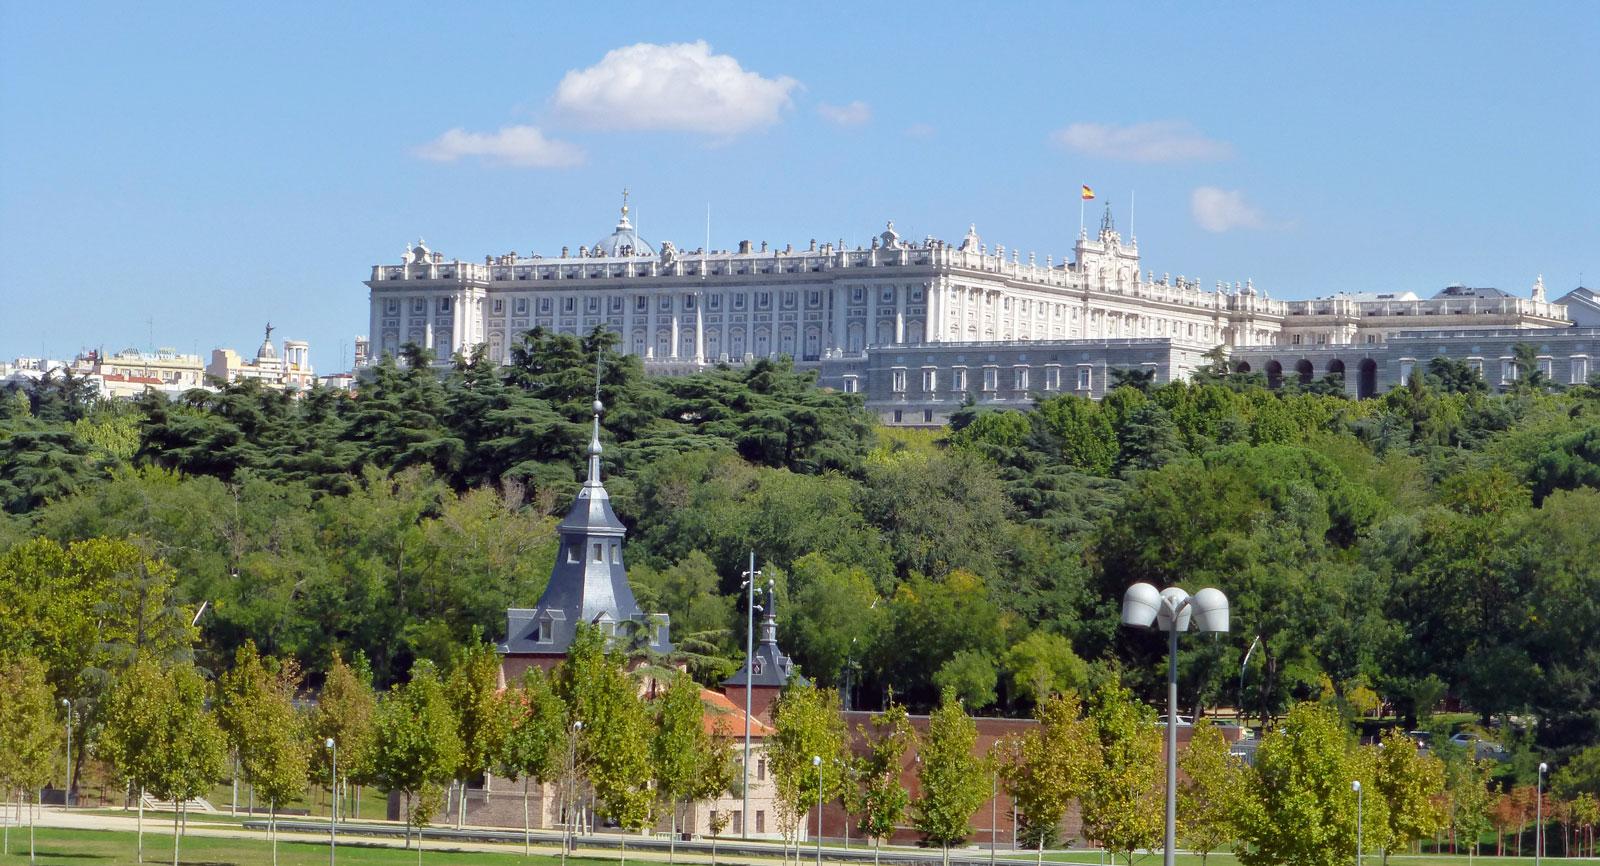 Europas största kungliga slott, Palacio Real in Madrid.